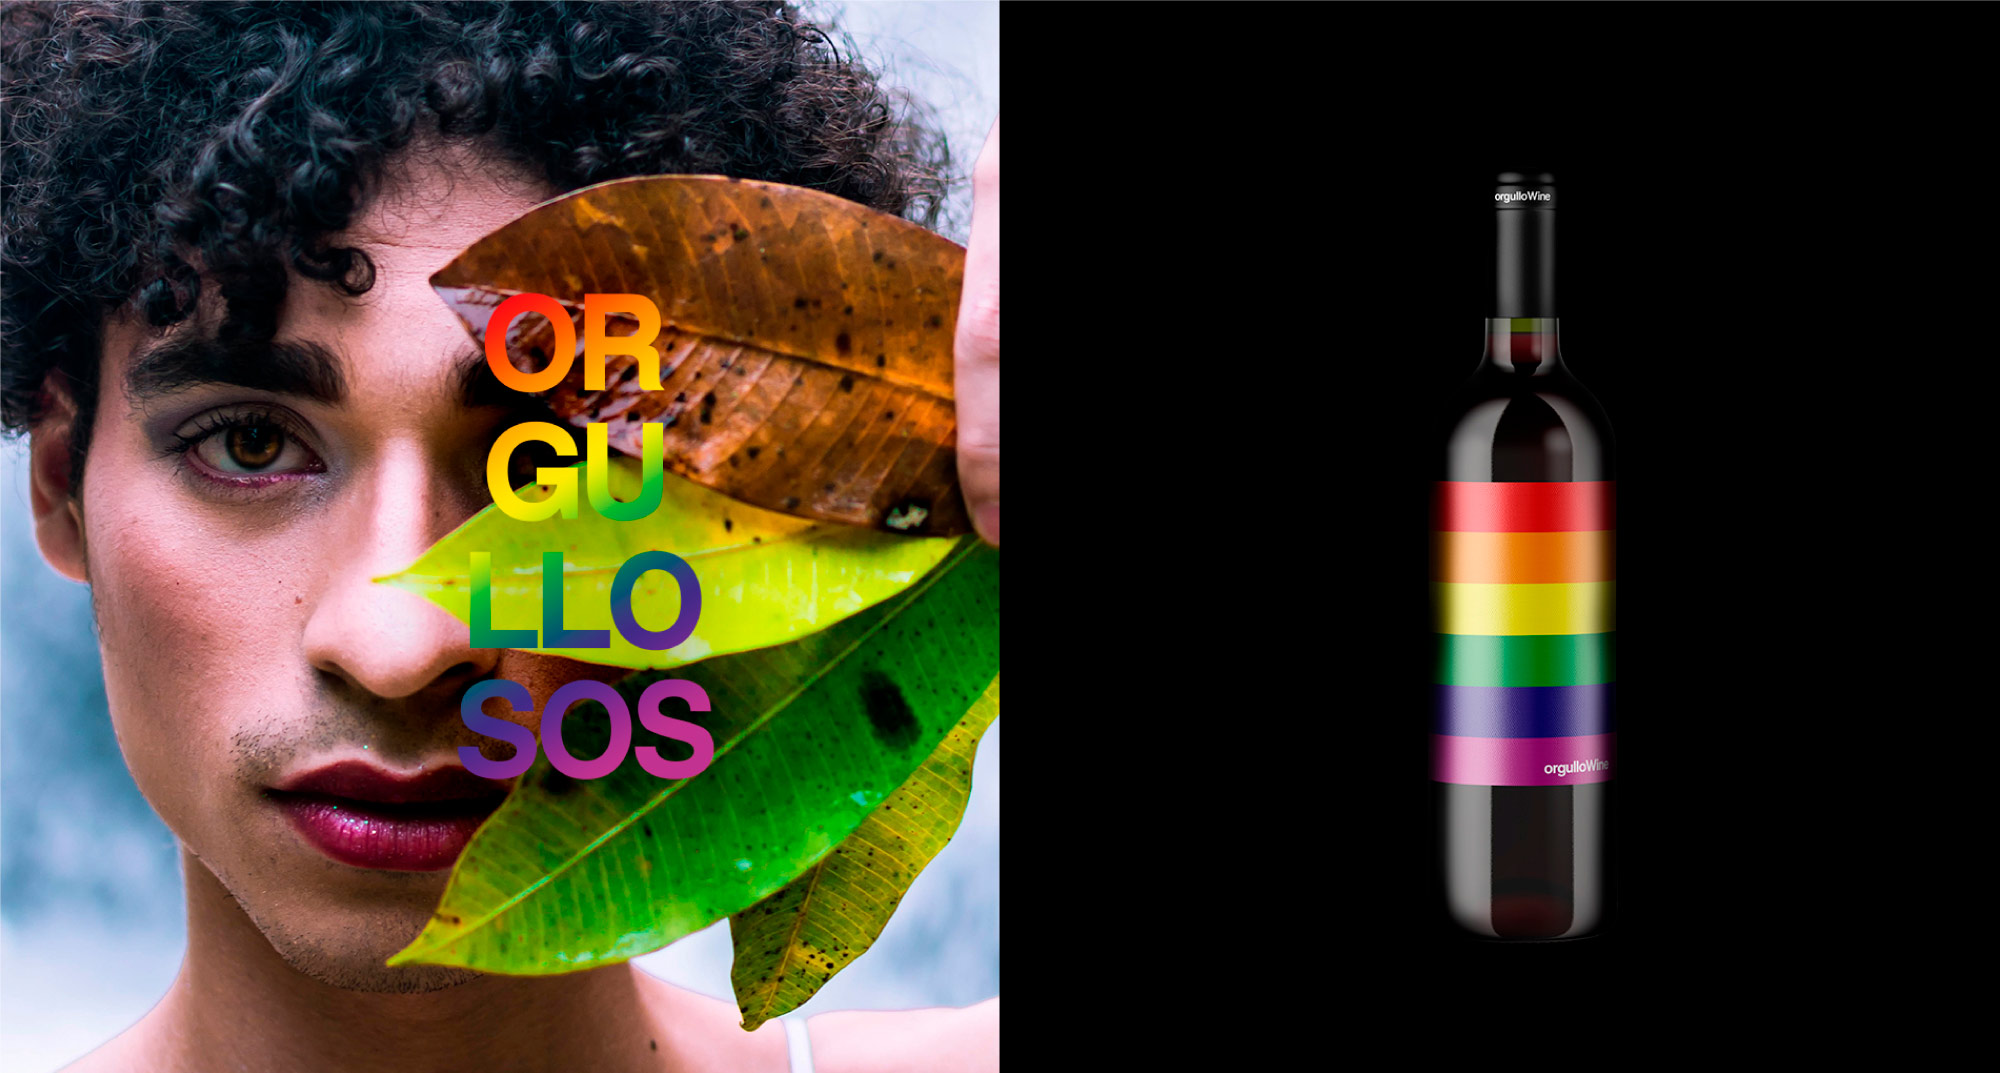 Orgullo-wine-branding-04